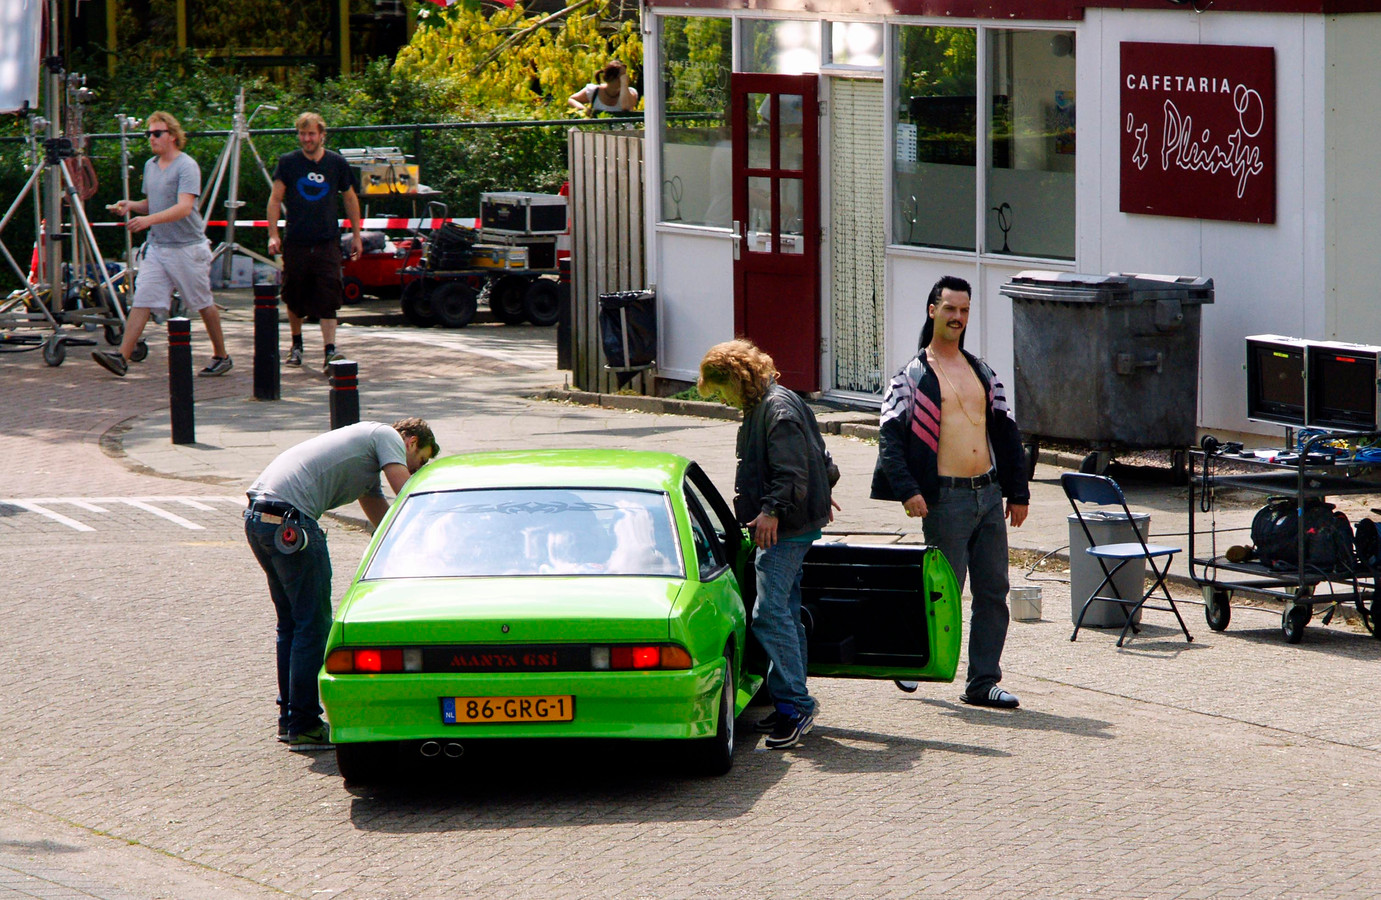 Het oude, ietwat vervallen frietkot 't Pleintje, dat internationaal faam verwierf door de New Kidsopnamen, wordt gesloopt.